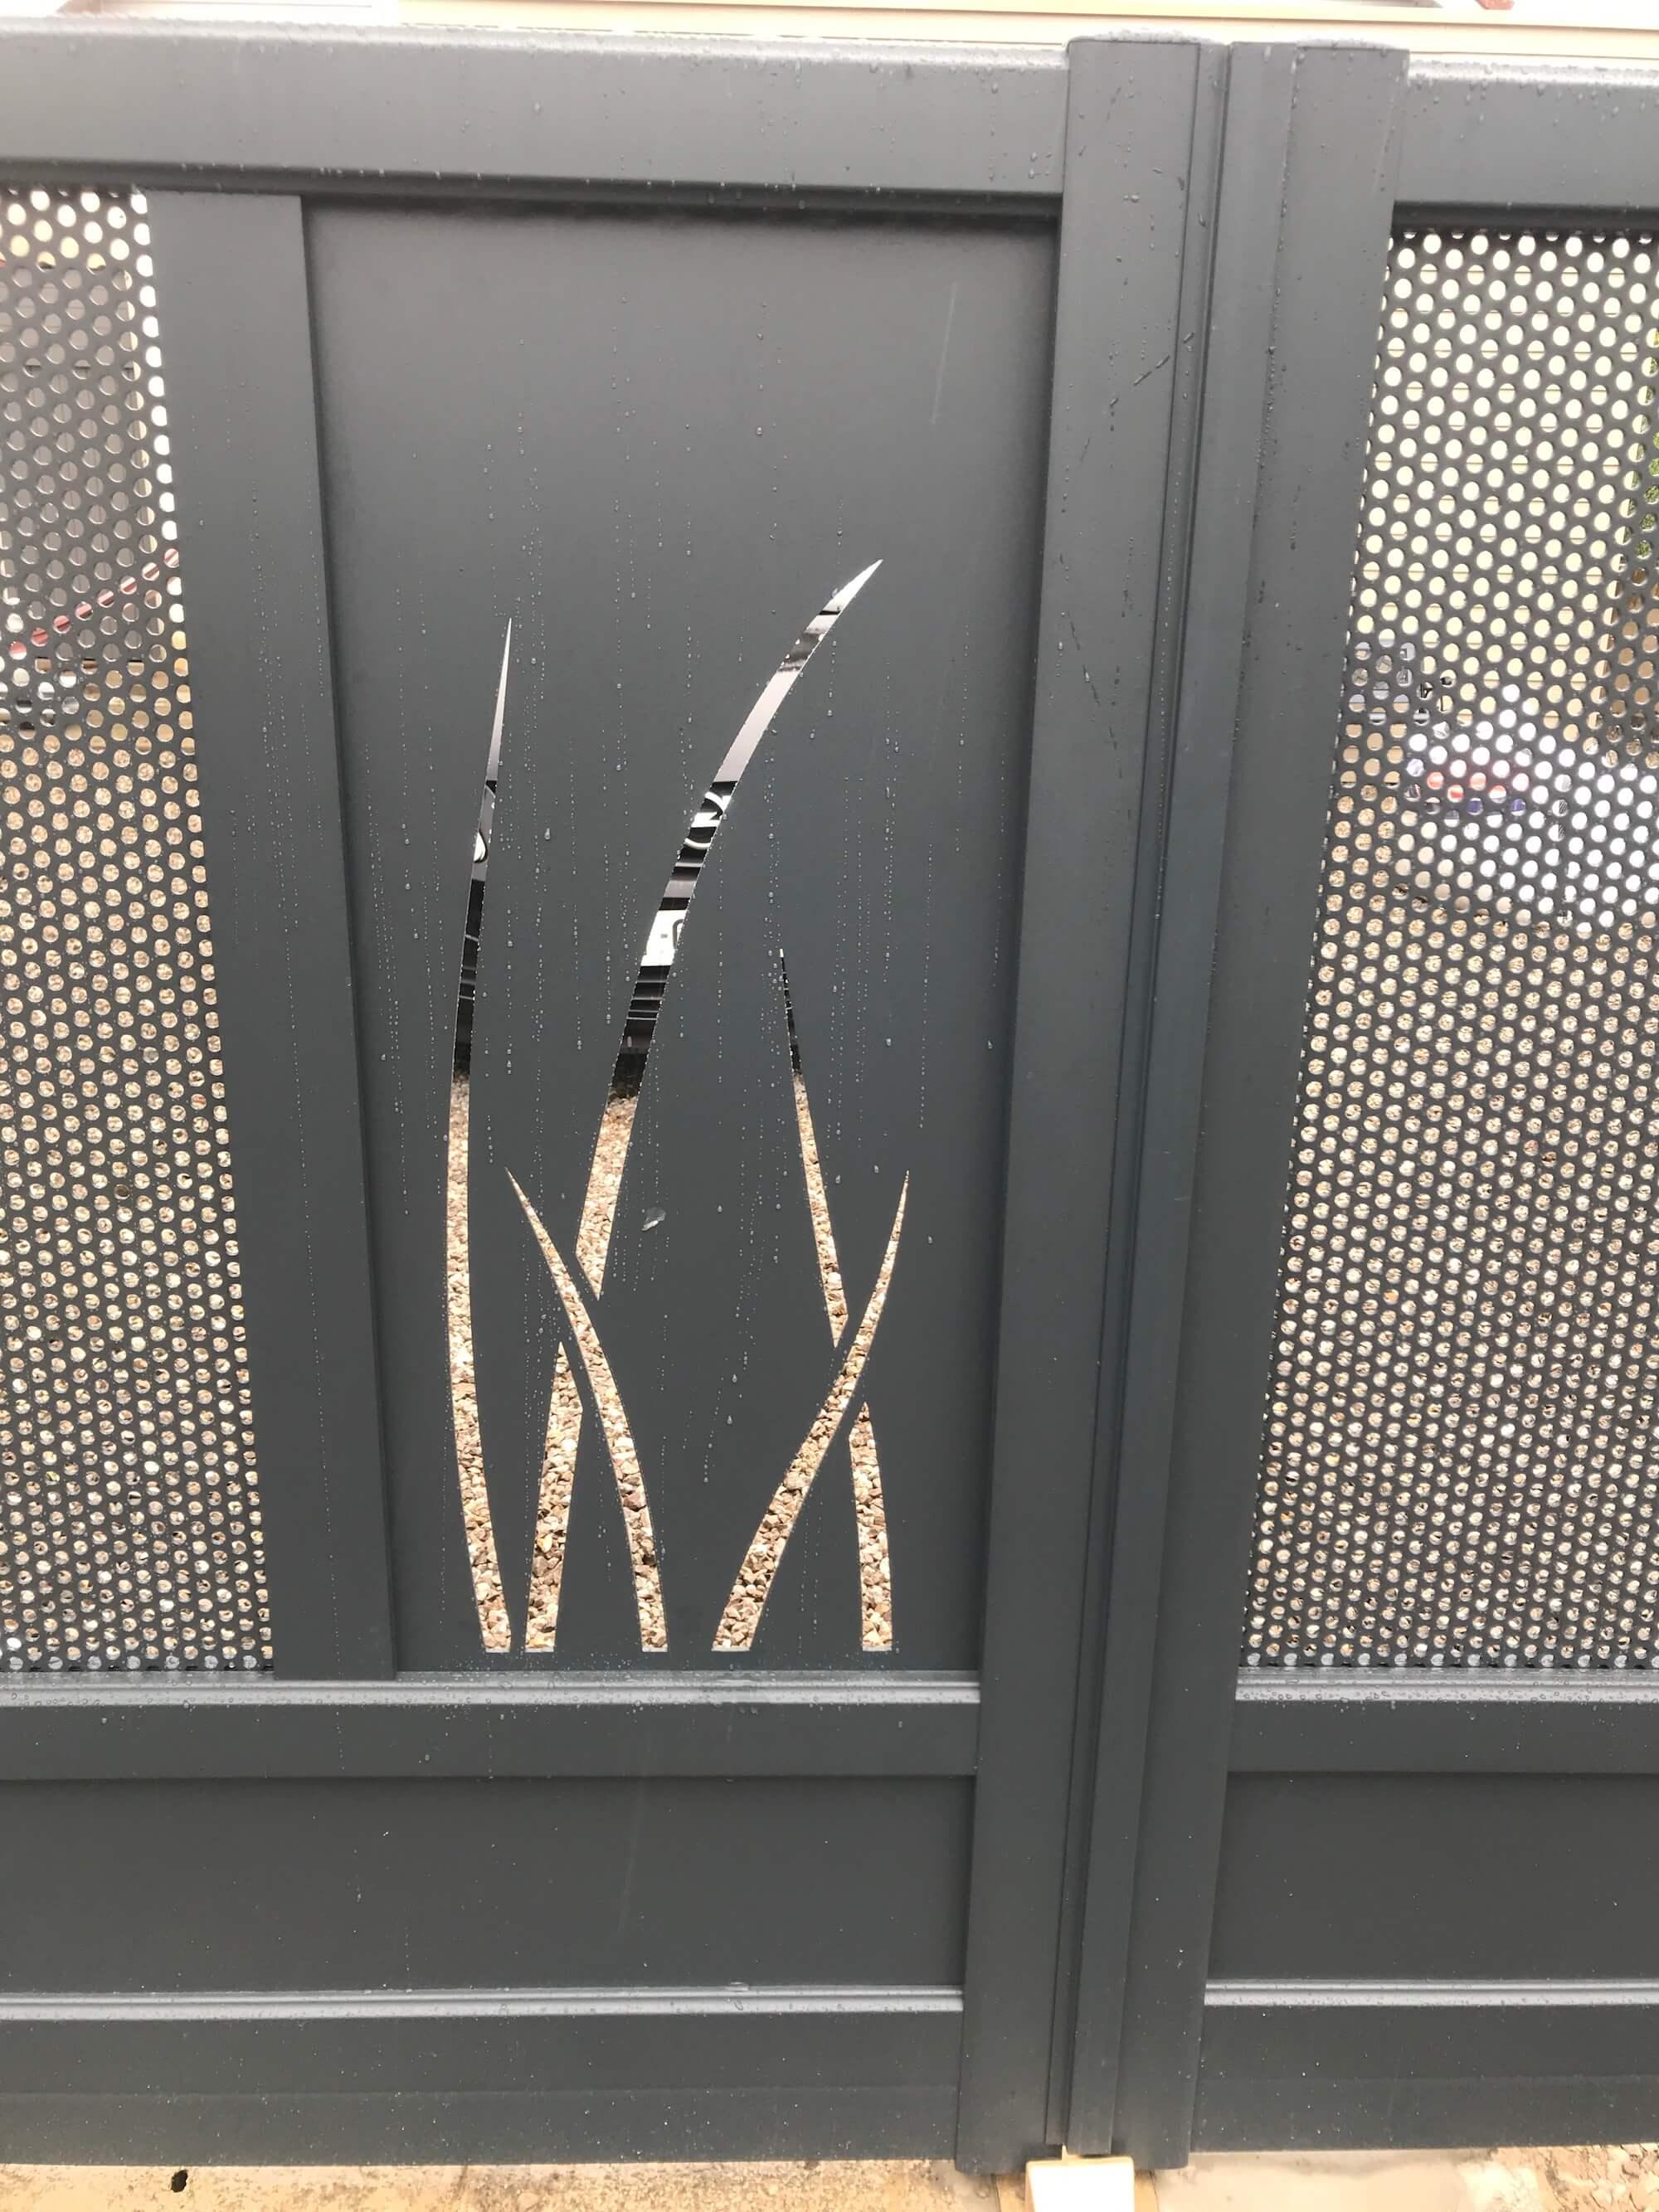 portail hazebrouck, portail aire sur la lys, portail merville, portail bethune, portail lille, portail sur mesure, portail aluminium, portail 62 5